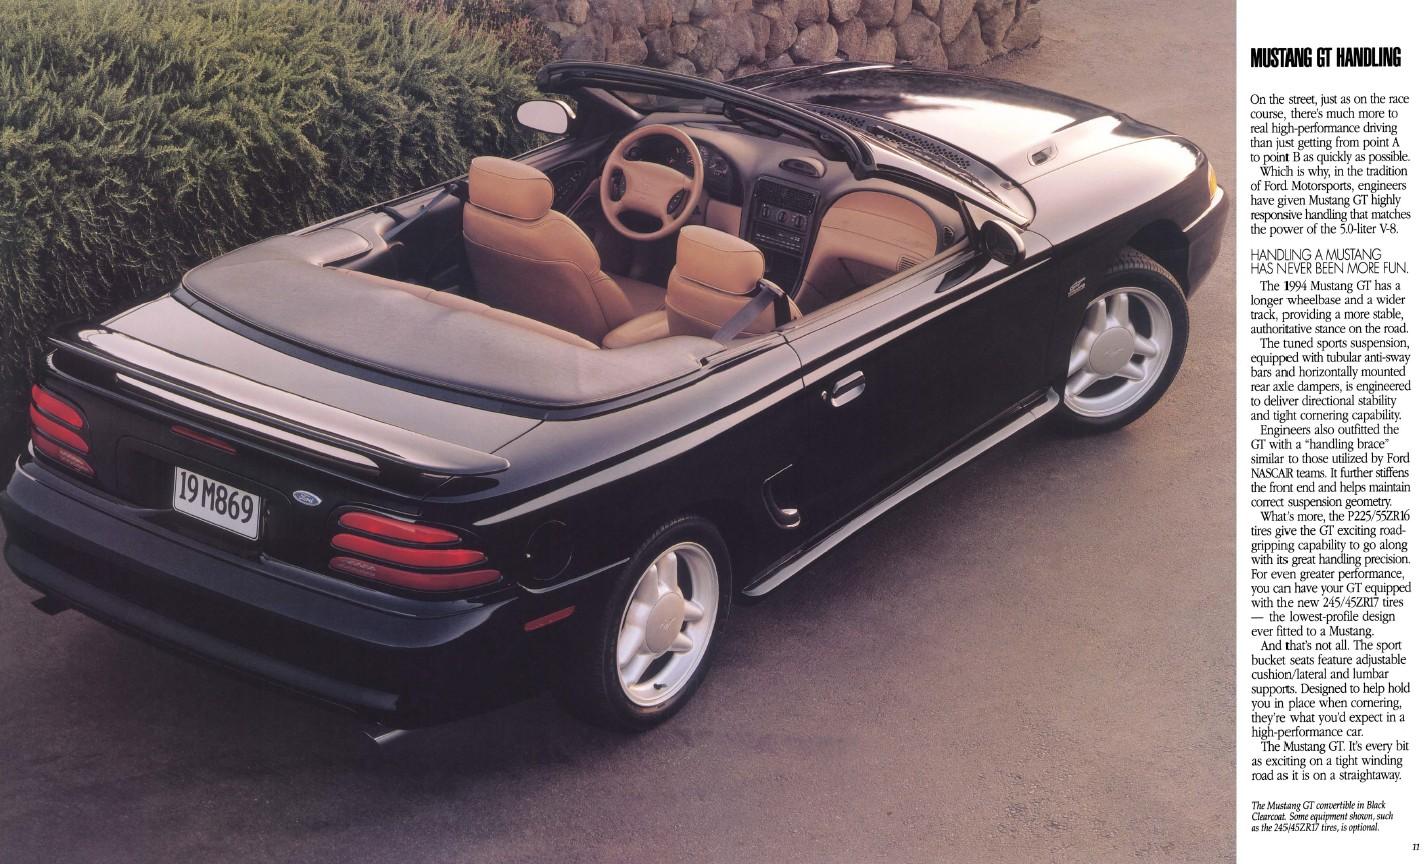 1994-ford-mustang-brochure-07.jpg